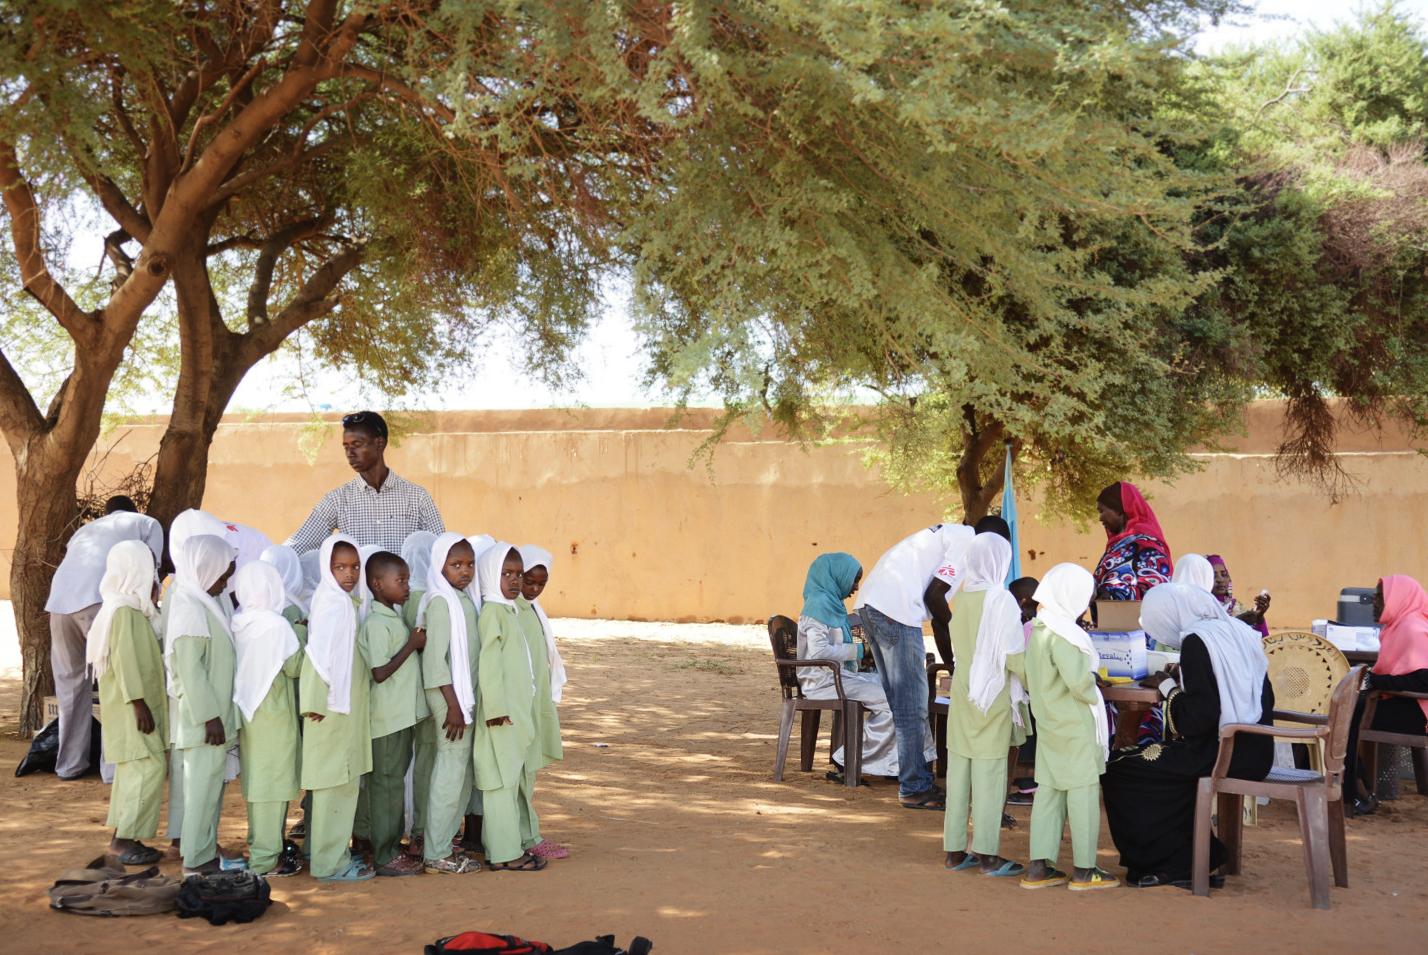 Koulun oppilaat jonottavat rokotusta koulupuvuissaan.